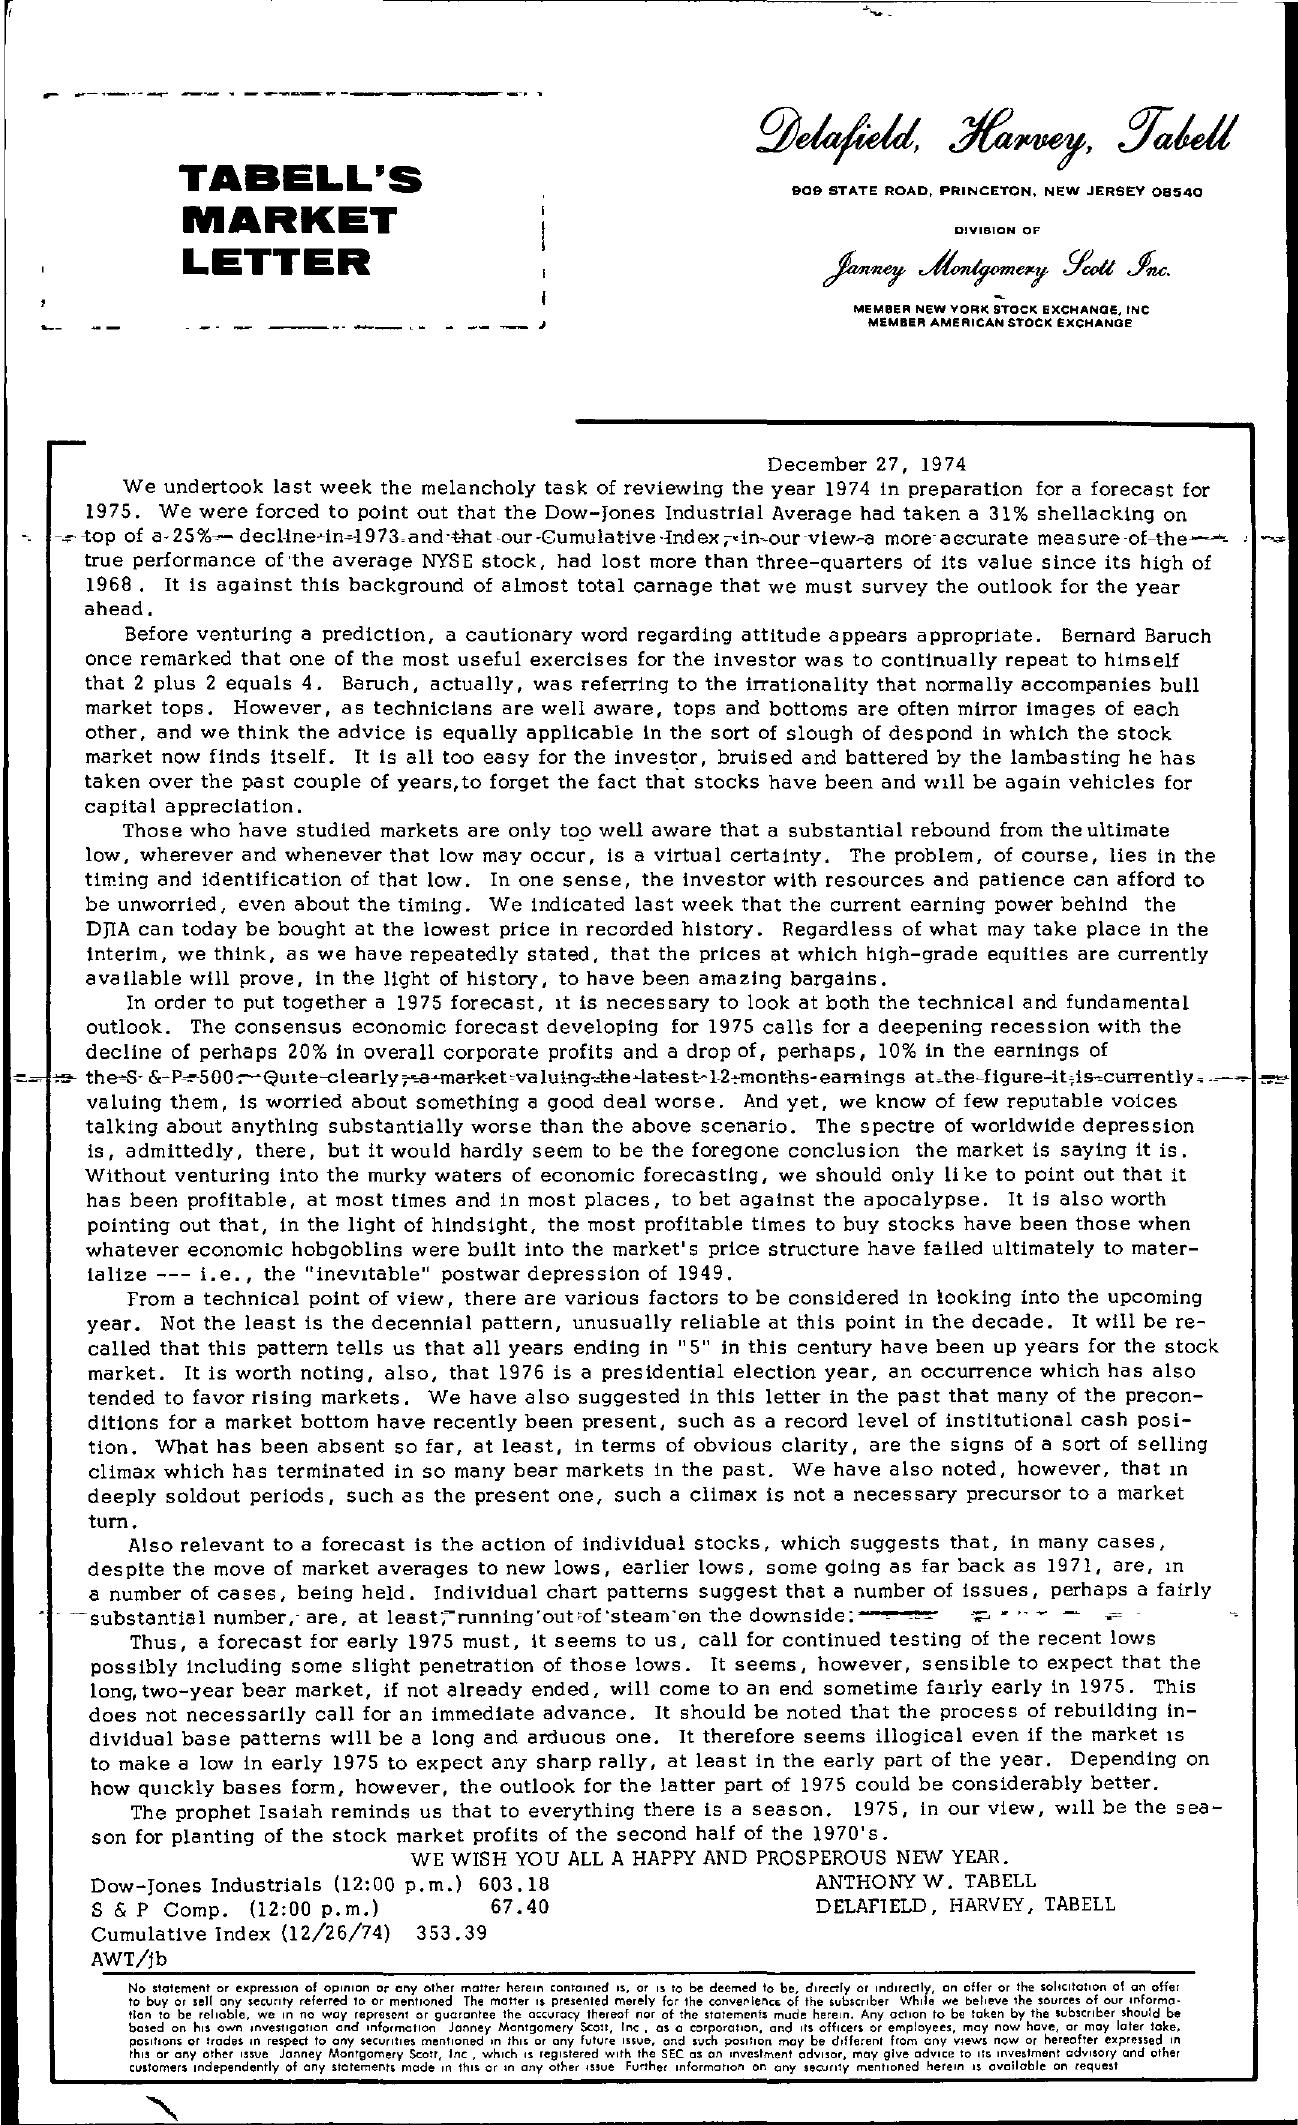 Tabell's Market Letter - December 27, 1974